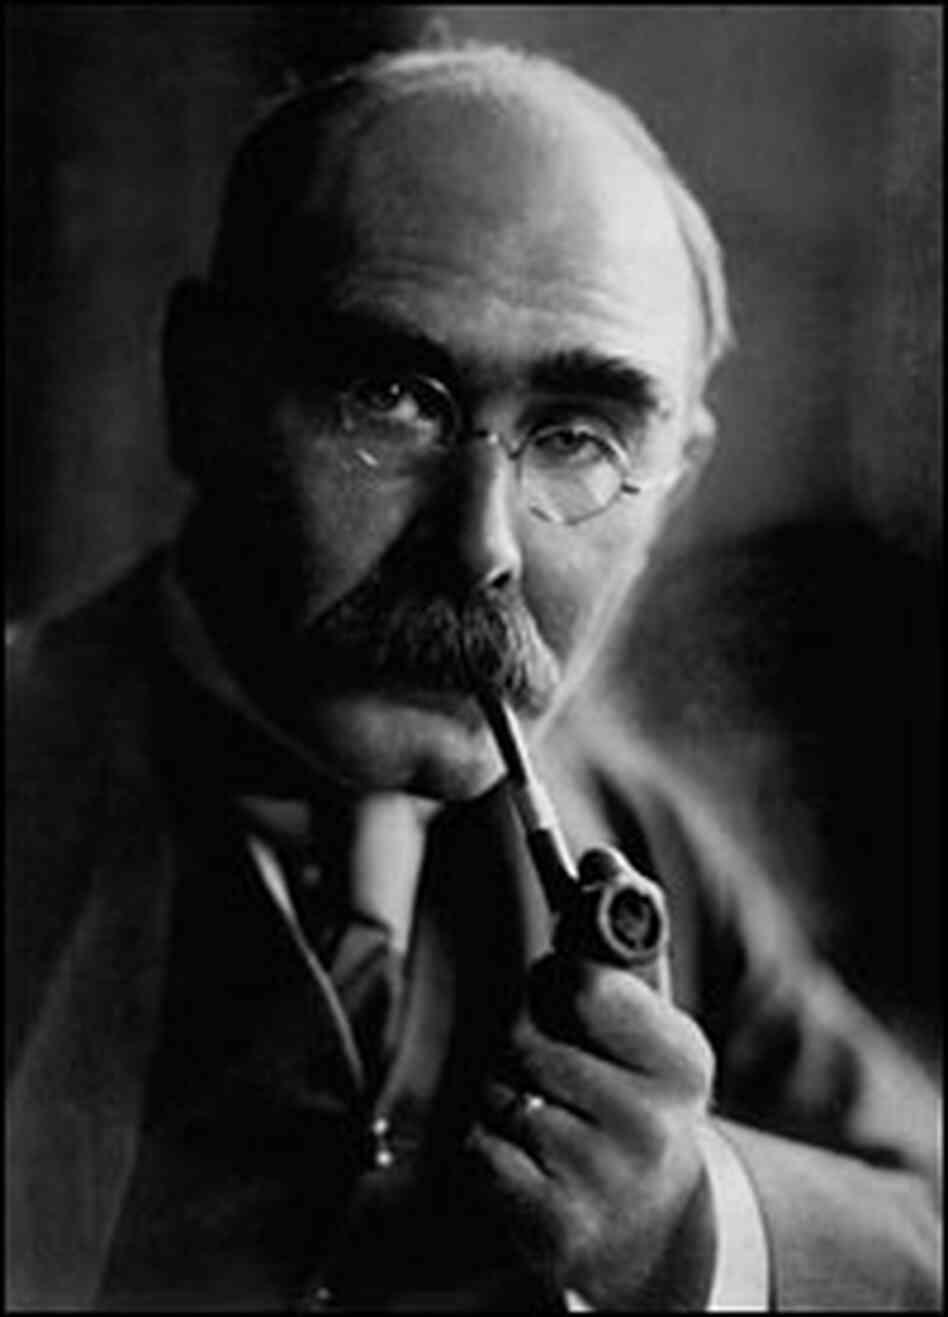 If - Poem by Rudyard Kipling